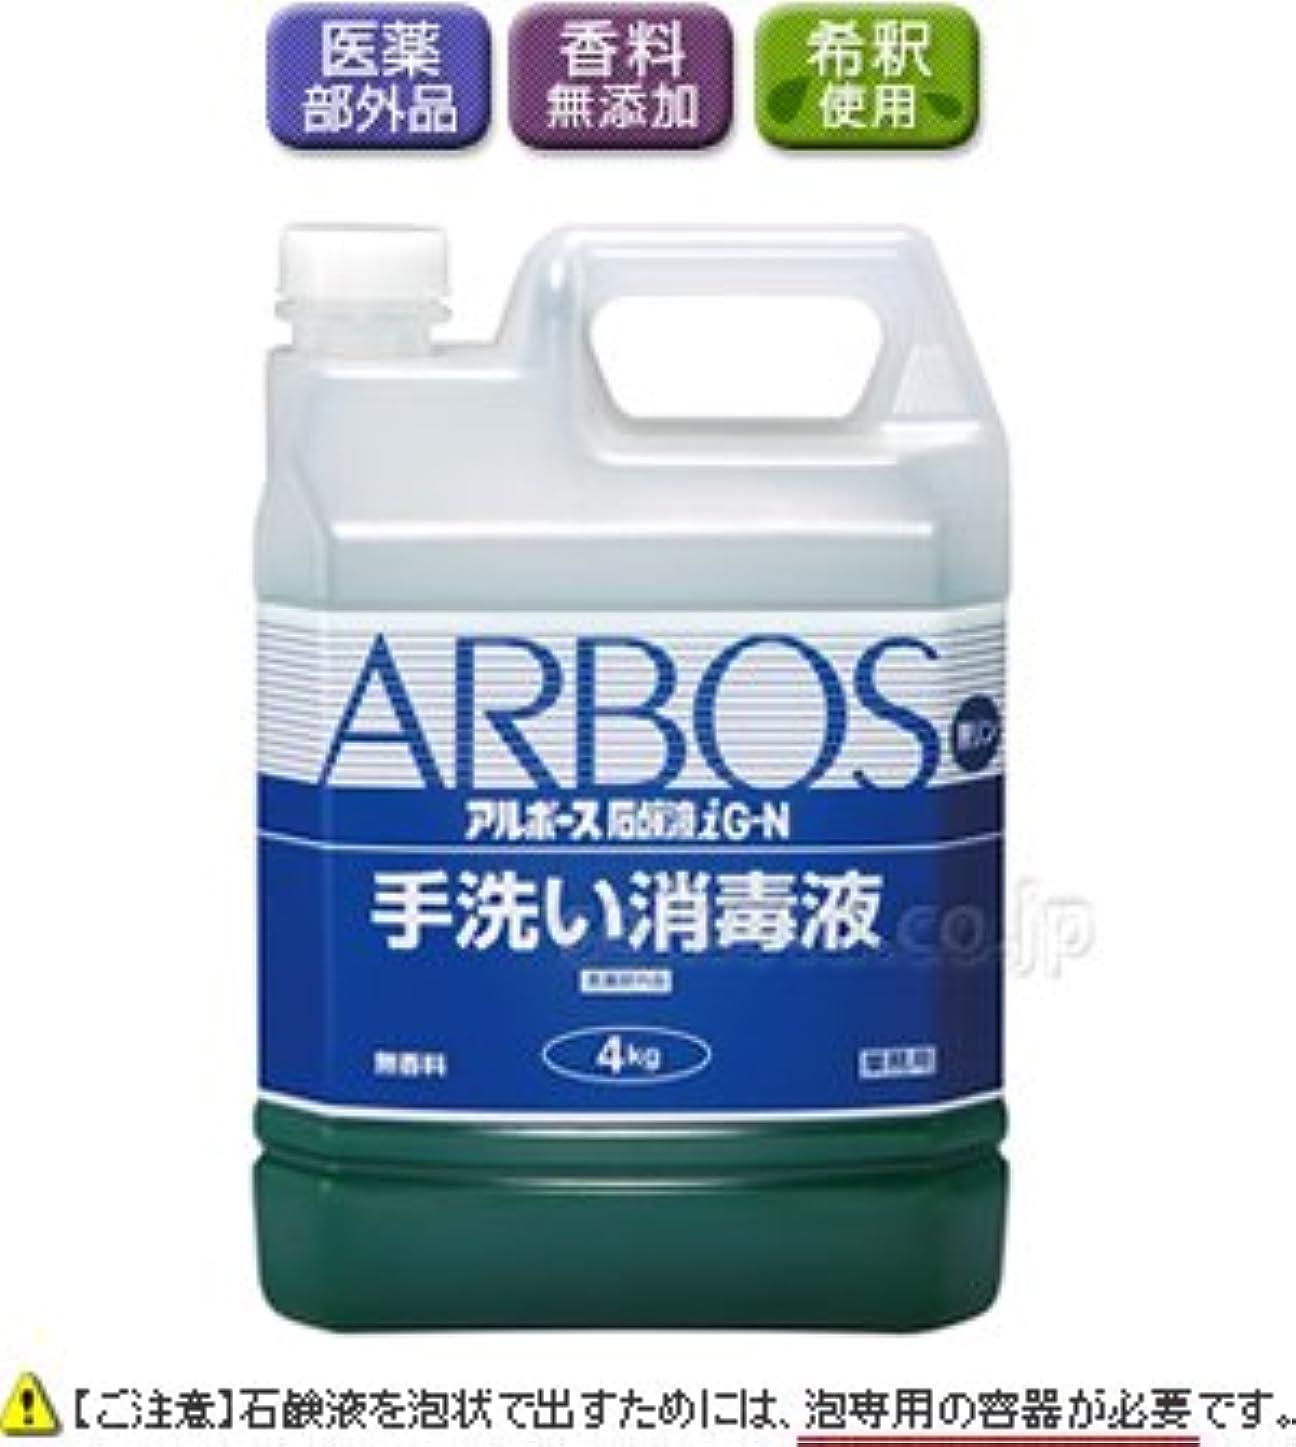 所有権多様なチャット【清潔キレイ館】アルボース石鹸液iG-N(4kg×1本)